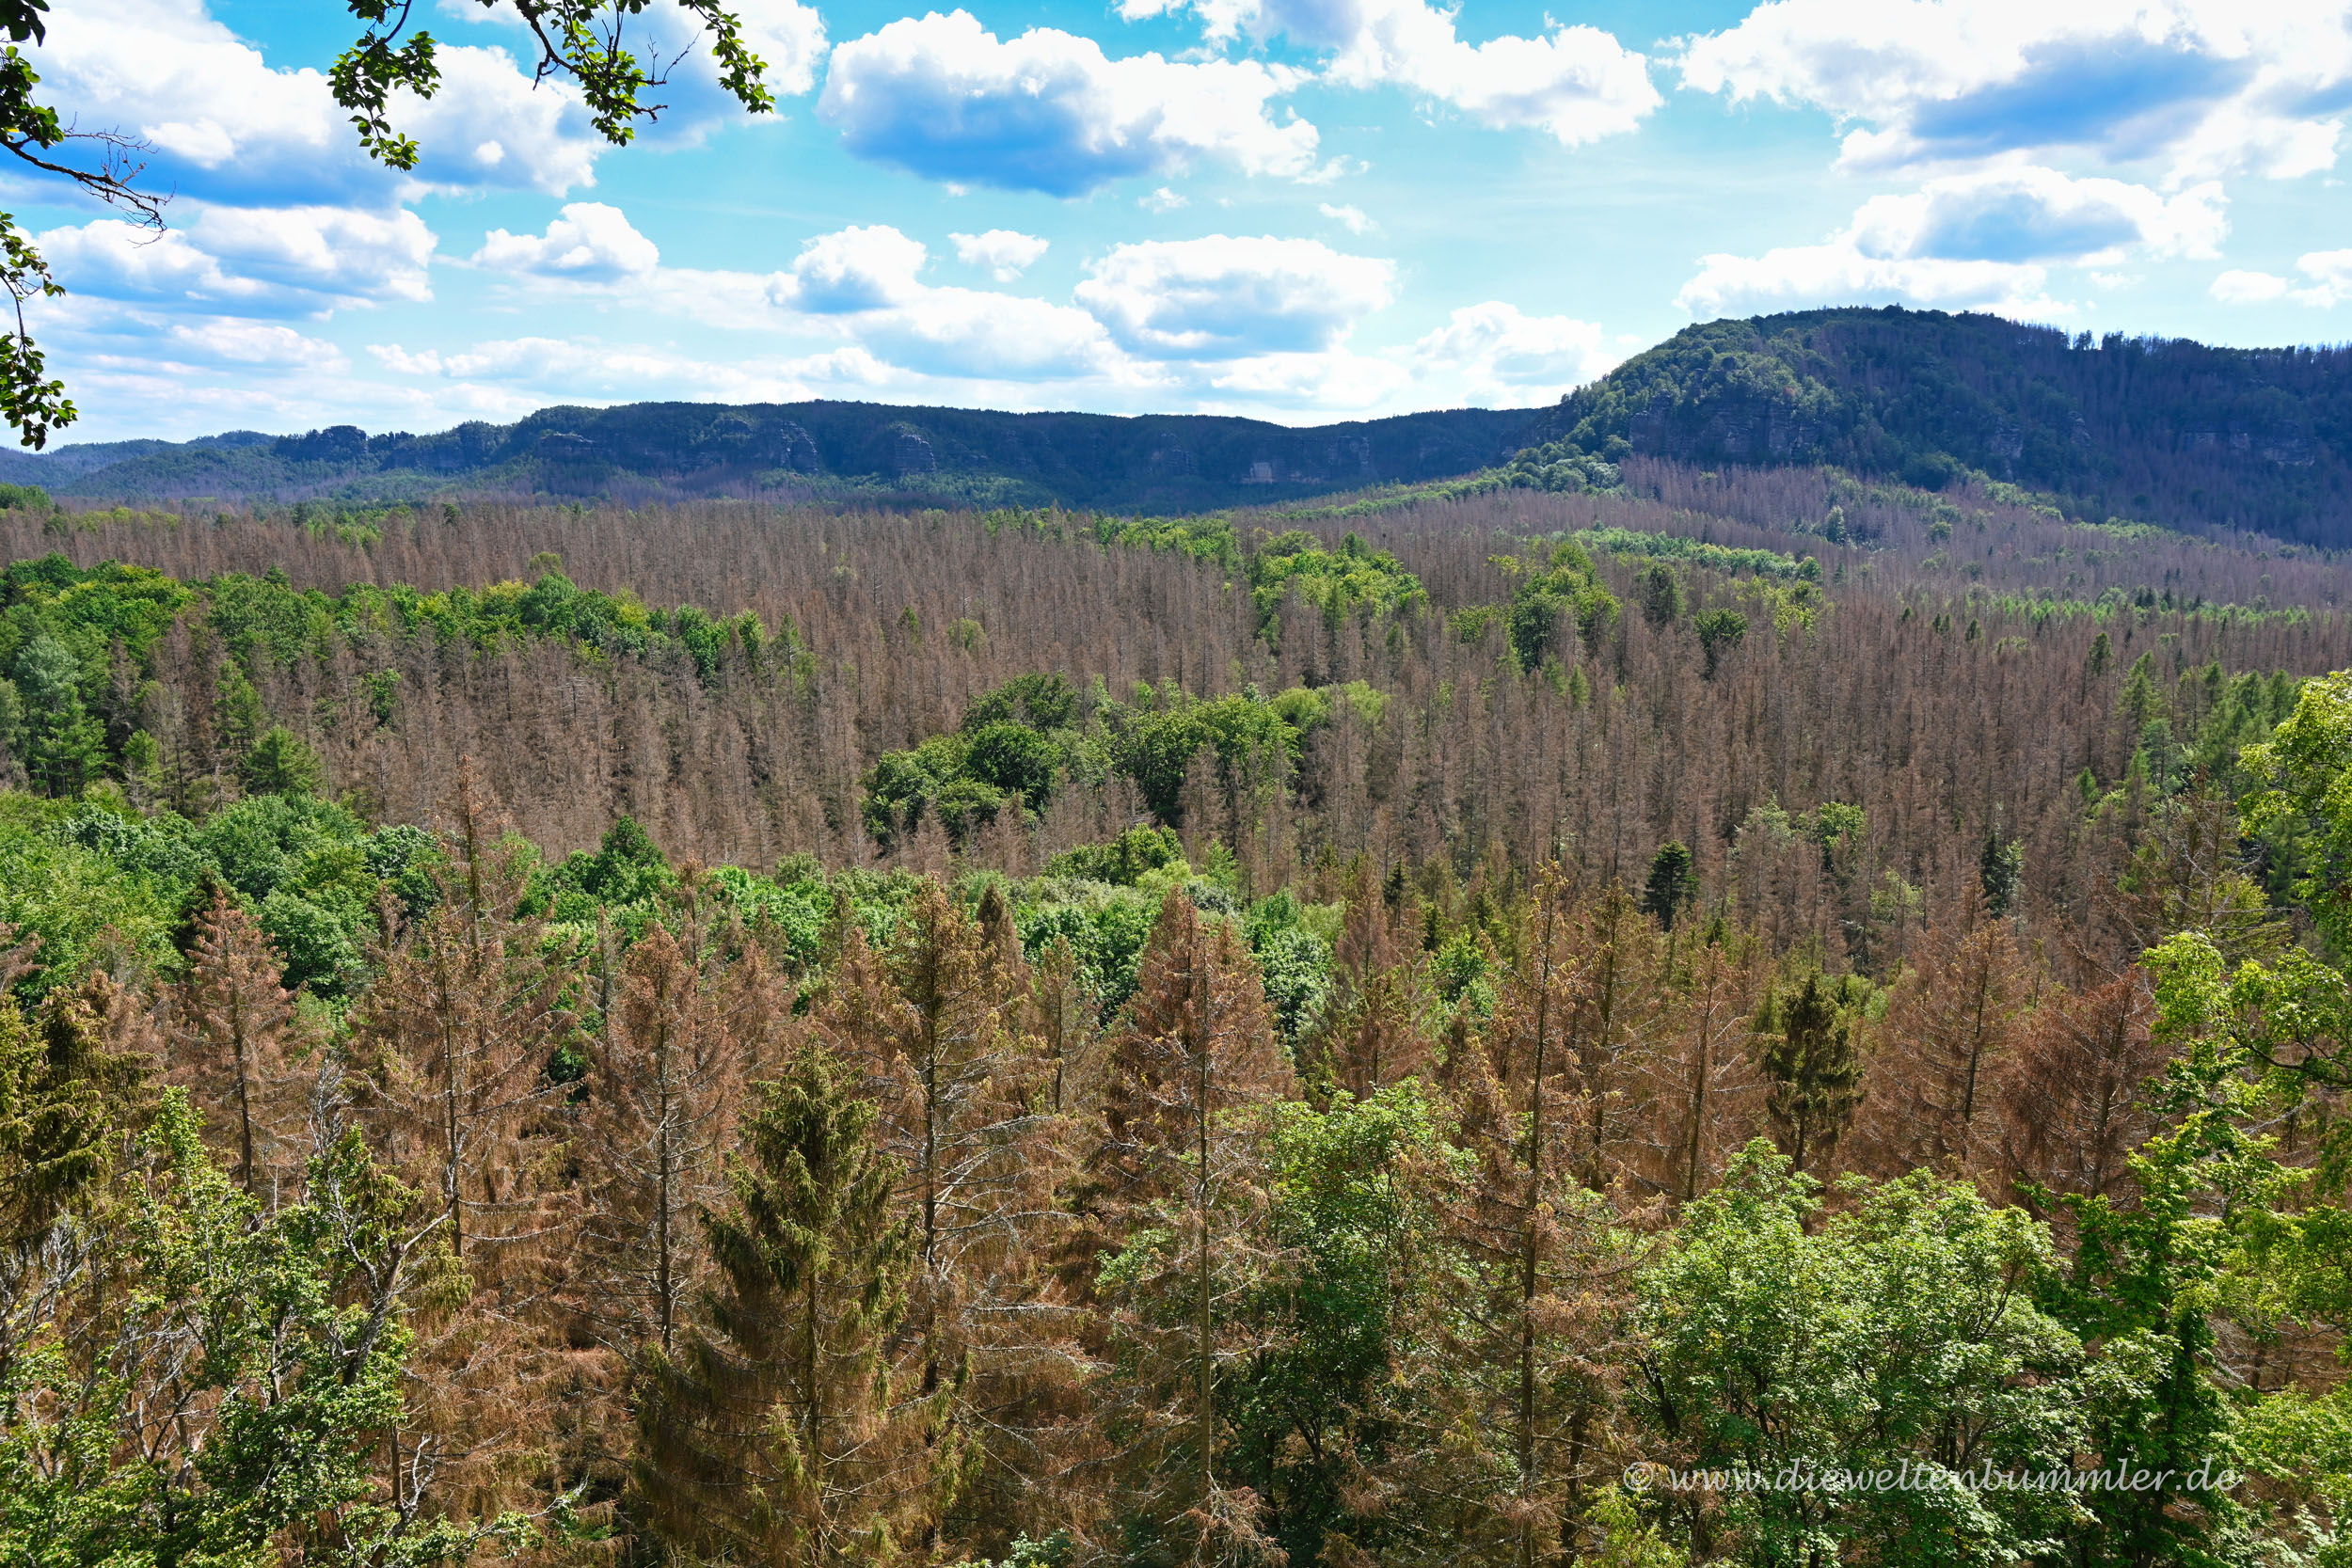 Landschaft am Kuhstall